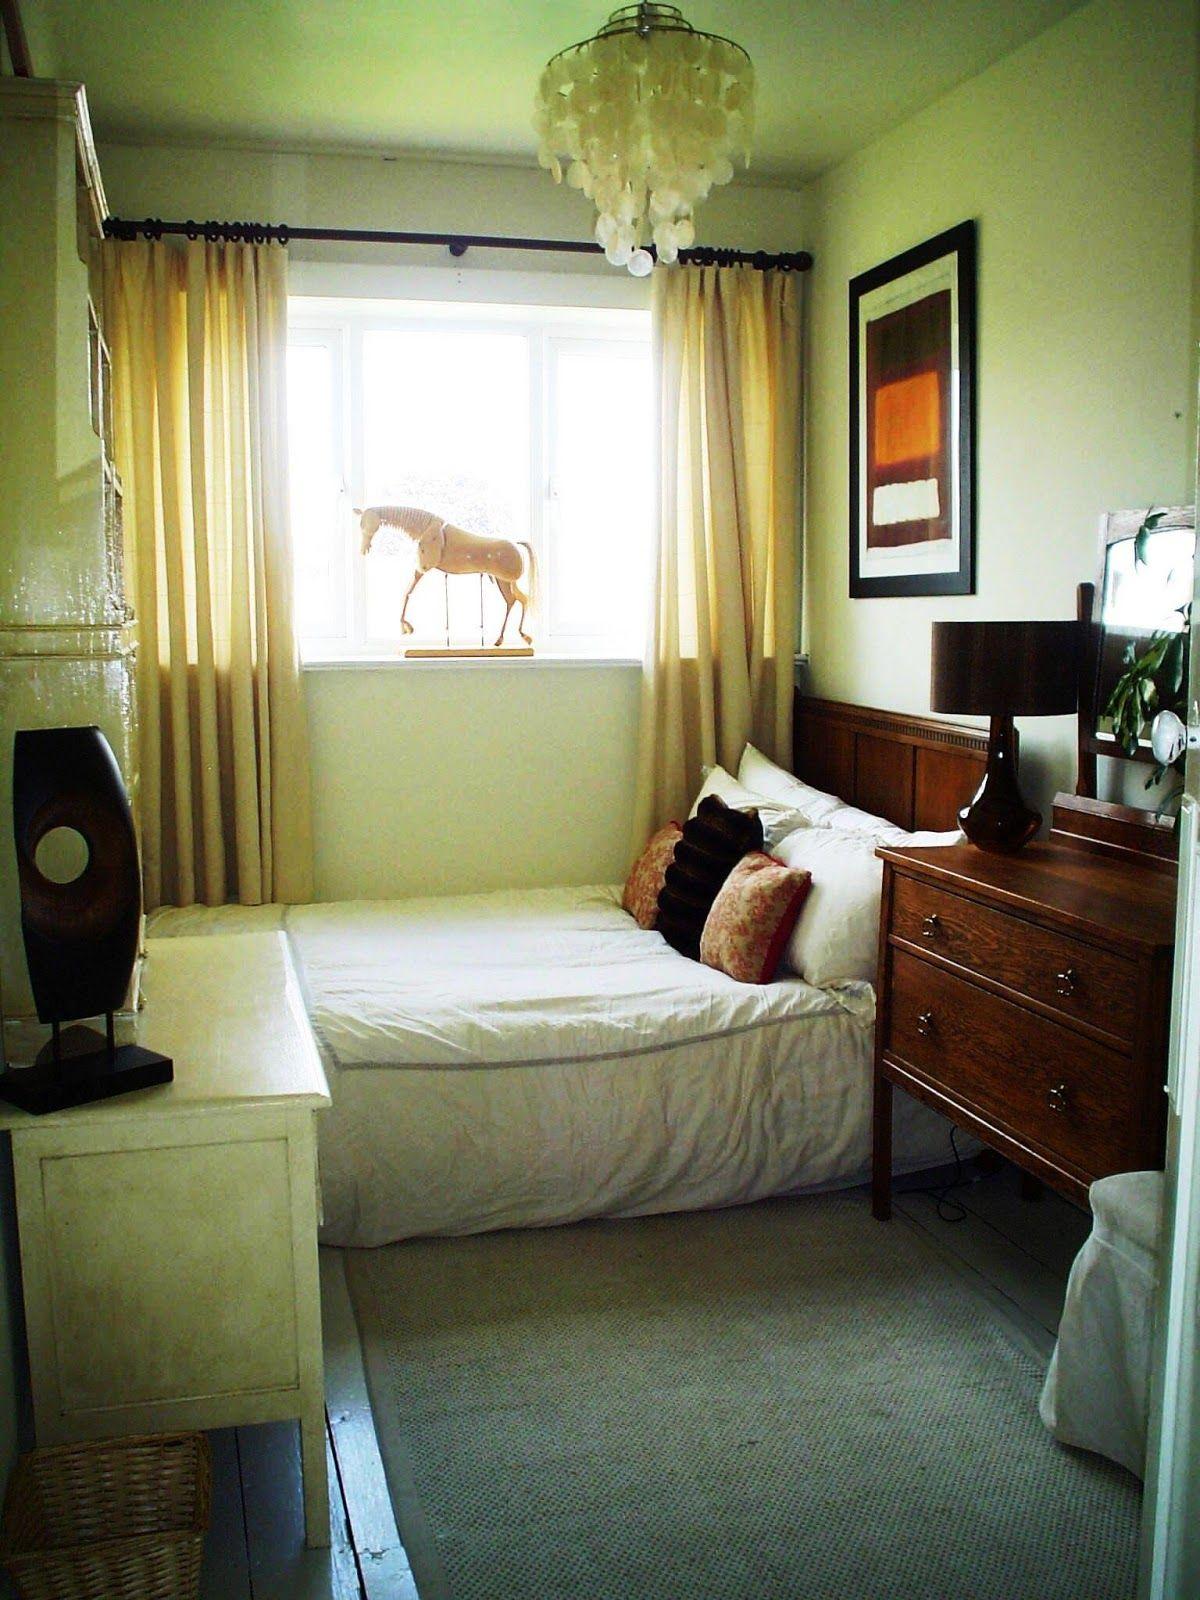 Schon Modern Schlafzimmer Design Ideen Für Kleine Zimmer